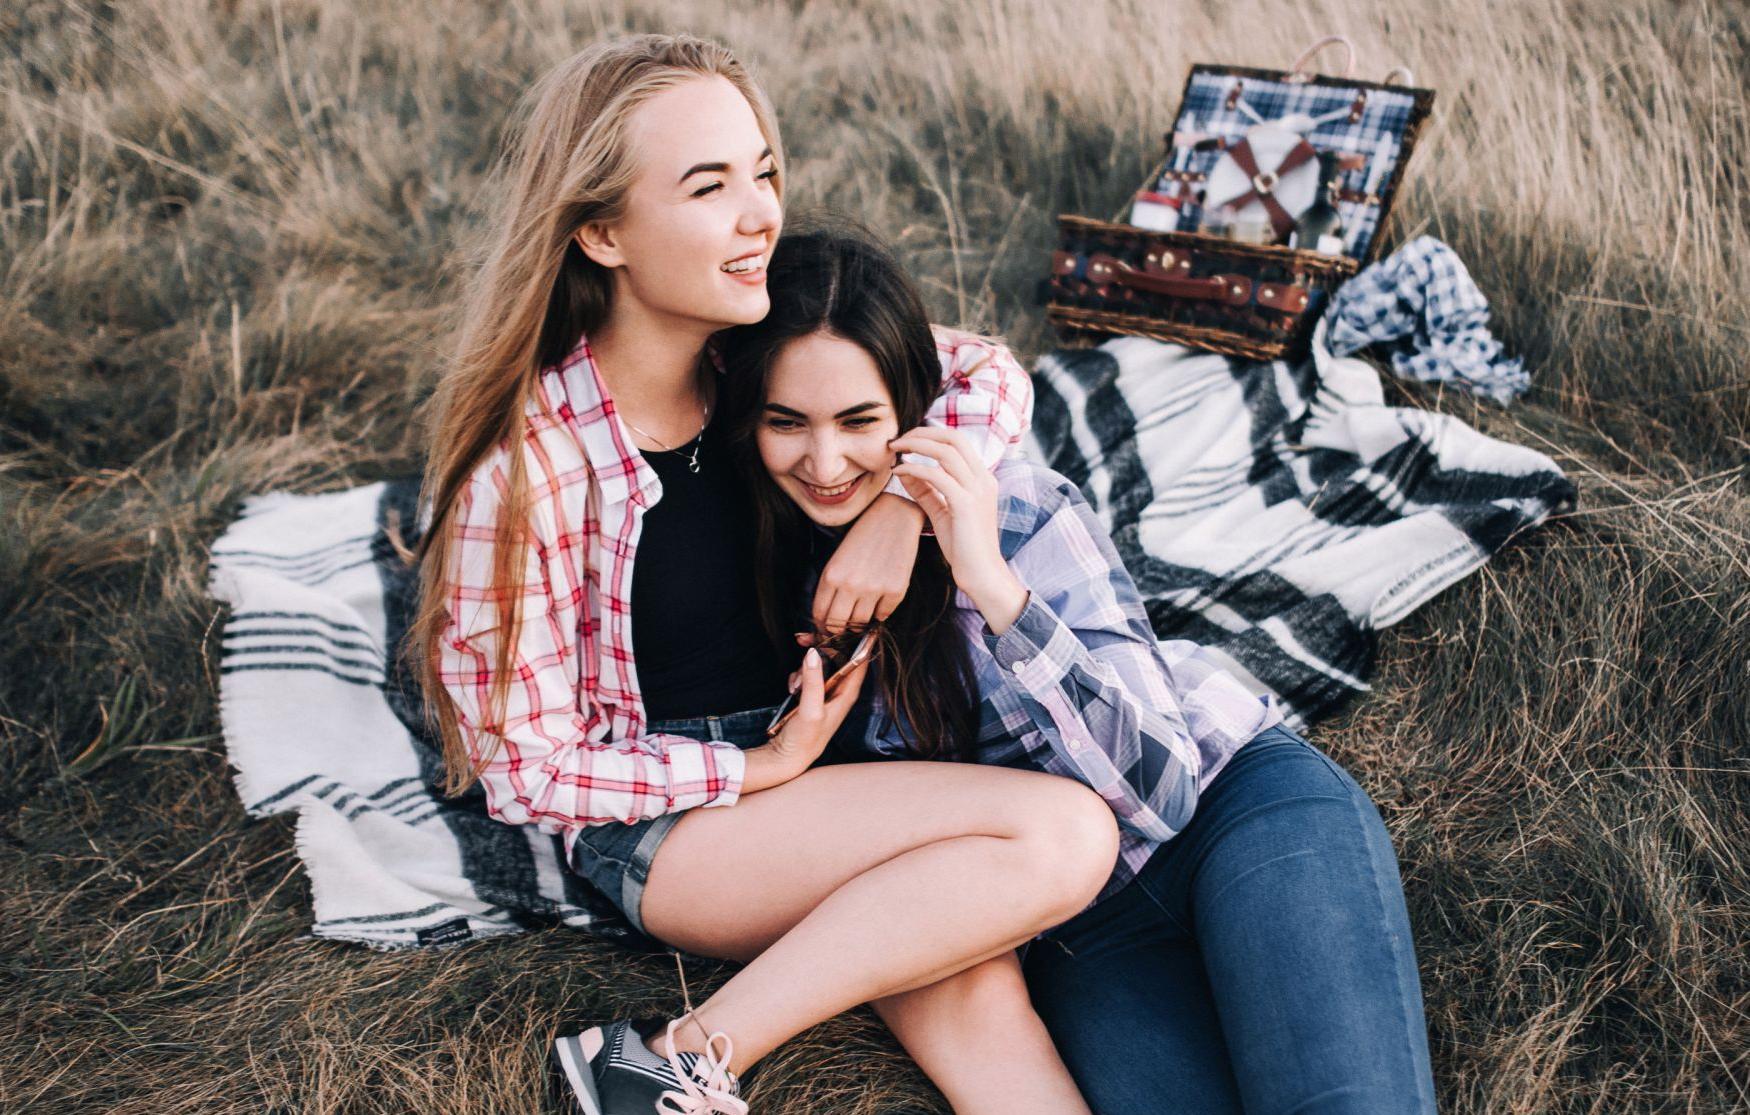 Muss man eine beste Freundin oder einen besten Freund haben?